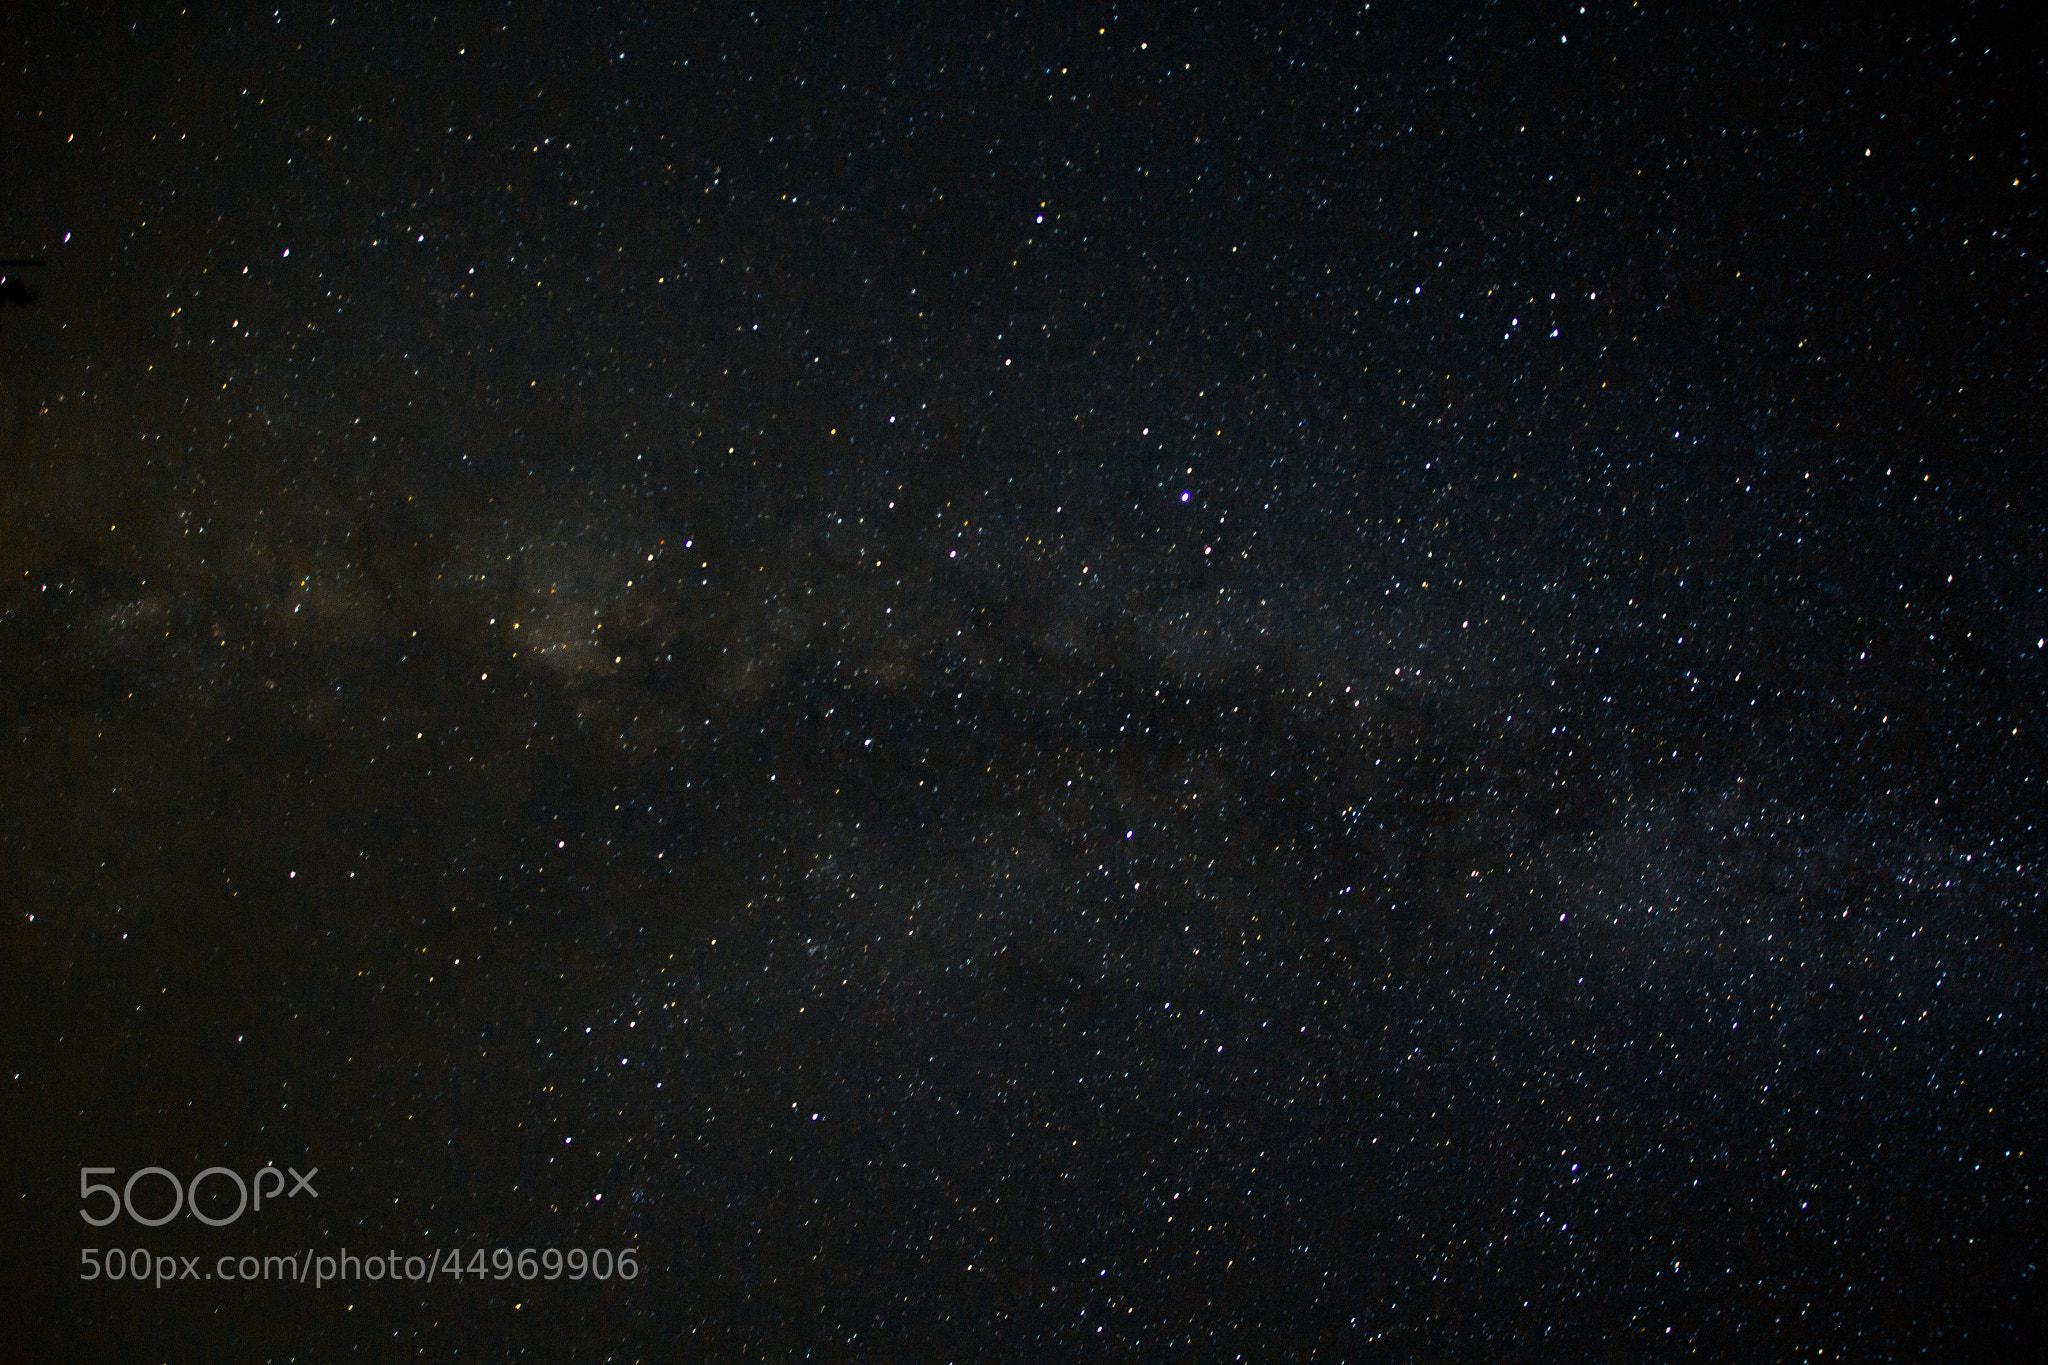 Photograph milky way landscape by David Díaz on 500px